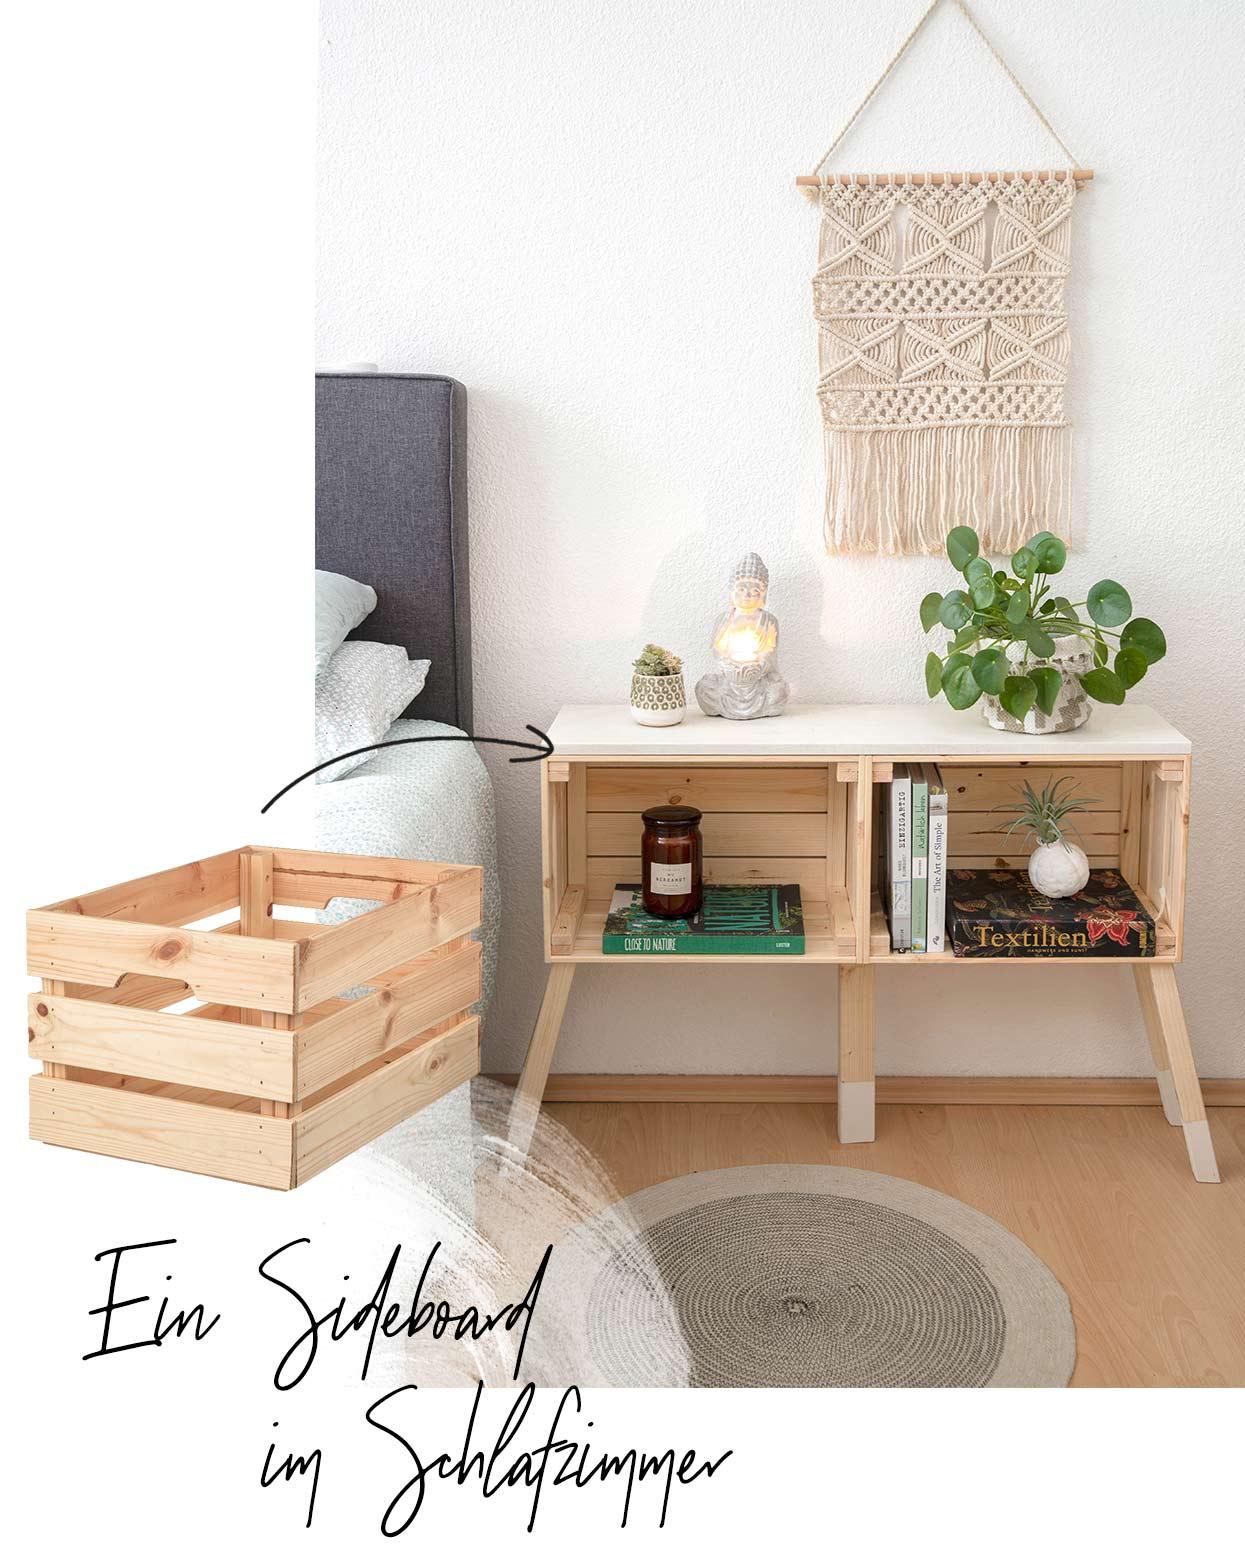 Full Size of Ikea Sideboard Mit Kisten Selber Bauen Wohnklamotte Betten 160x200 Küche Miniküche Bei Modulküche Kosten Arbeitsplatte Wohnzimmer Kaufen Sofa Schlaffunktion Wohnzimmer Ikea Sideboard